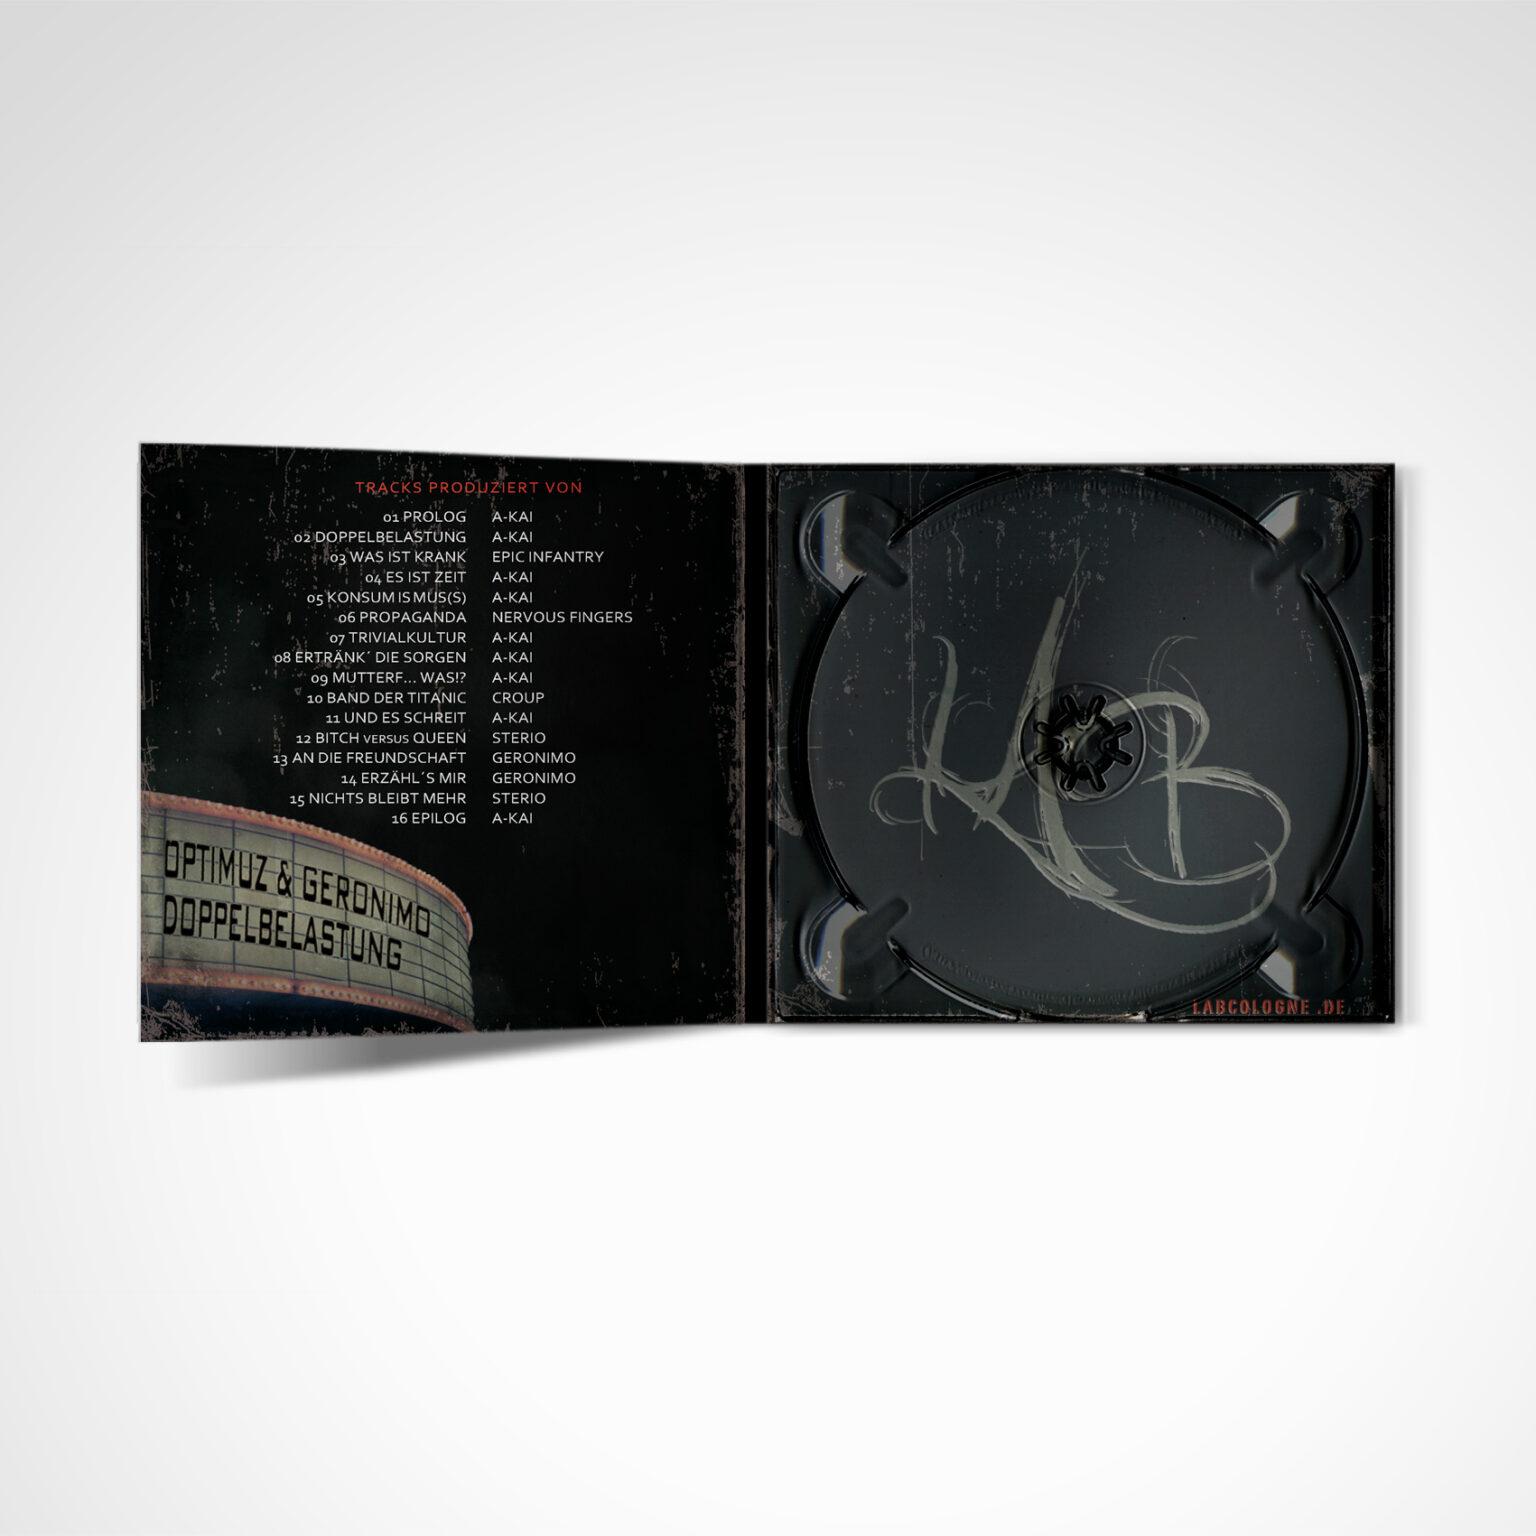 CD Innen